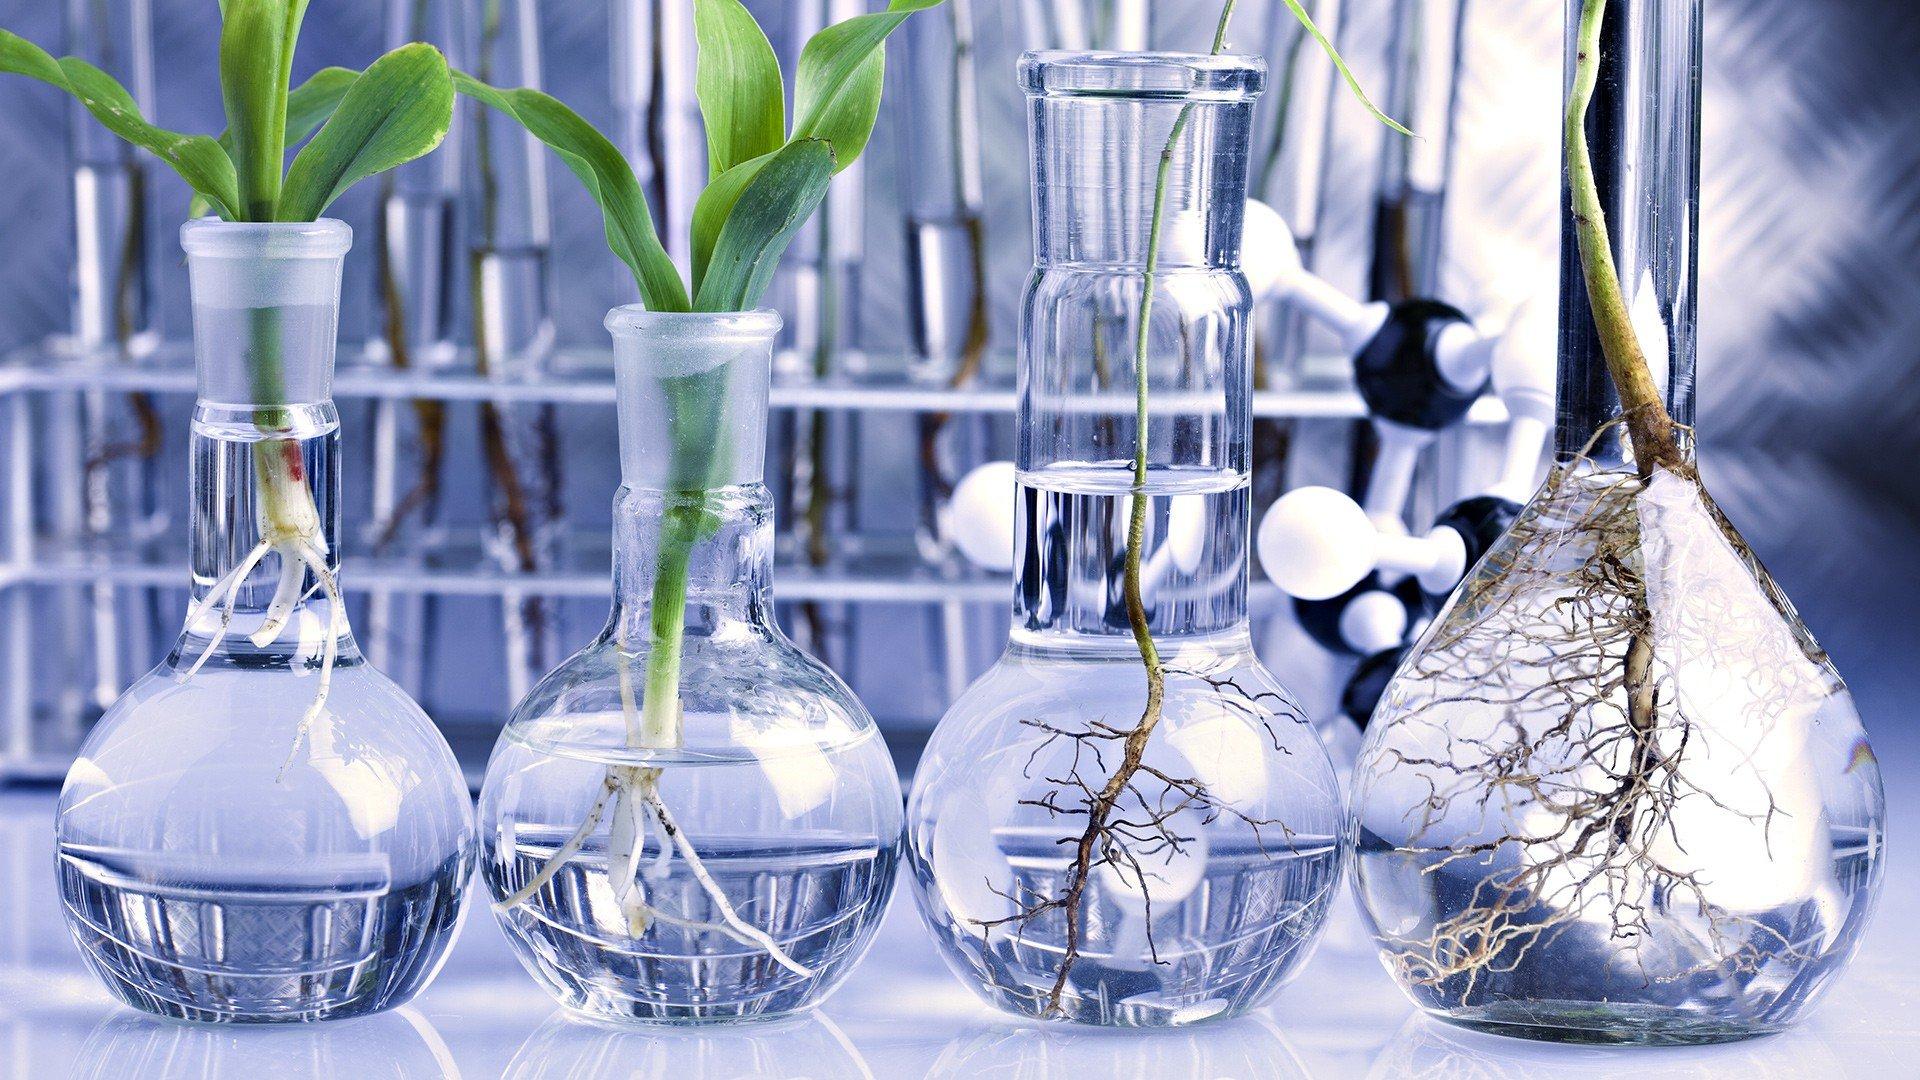 حدنصاب تراز دعوت به مصاحبه دکتری بیوتکنولوژی کشاورزی